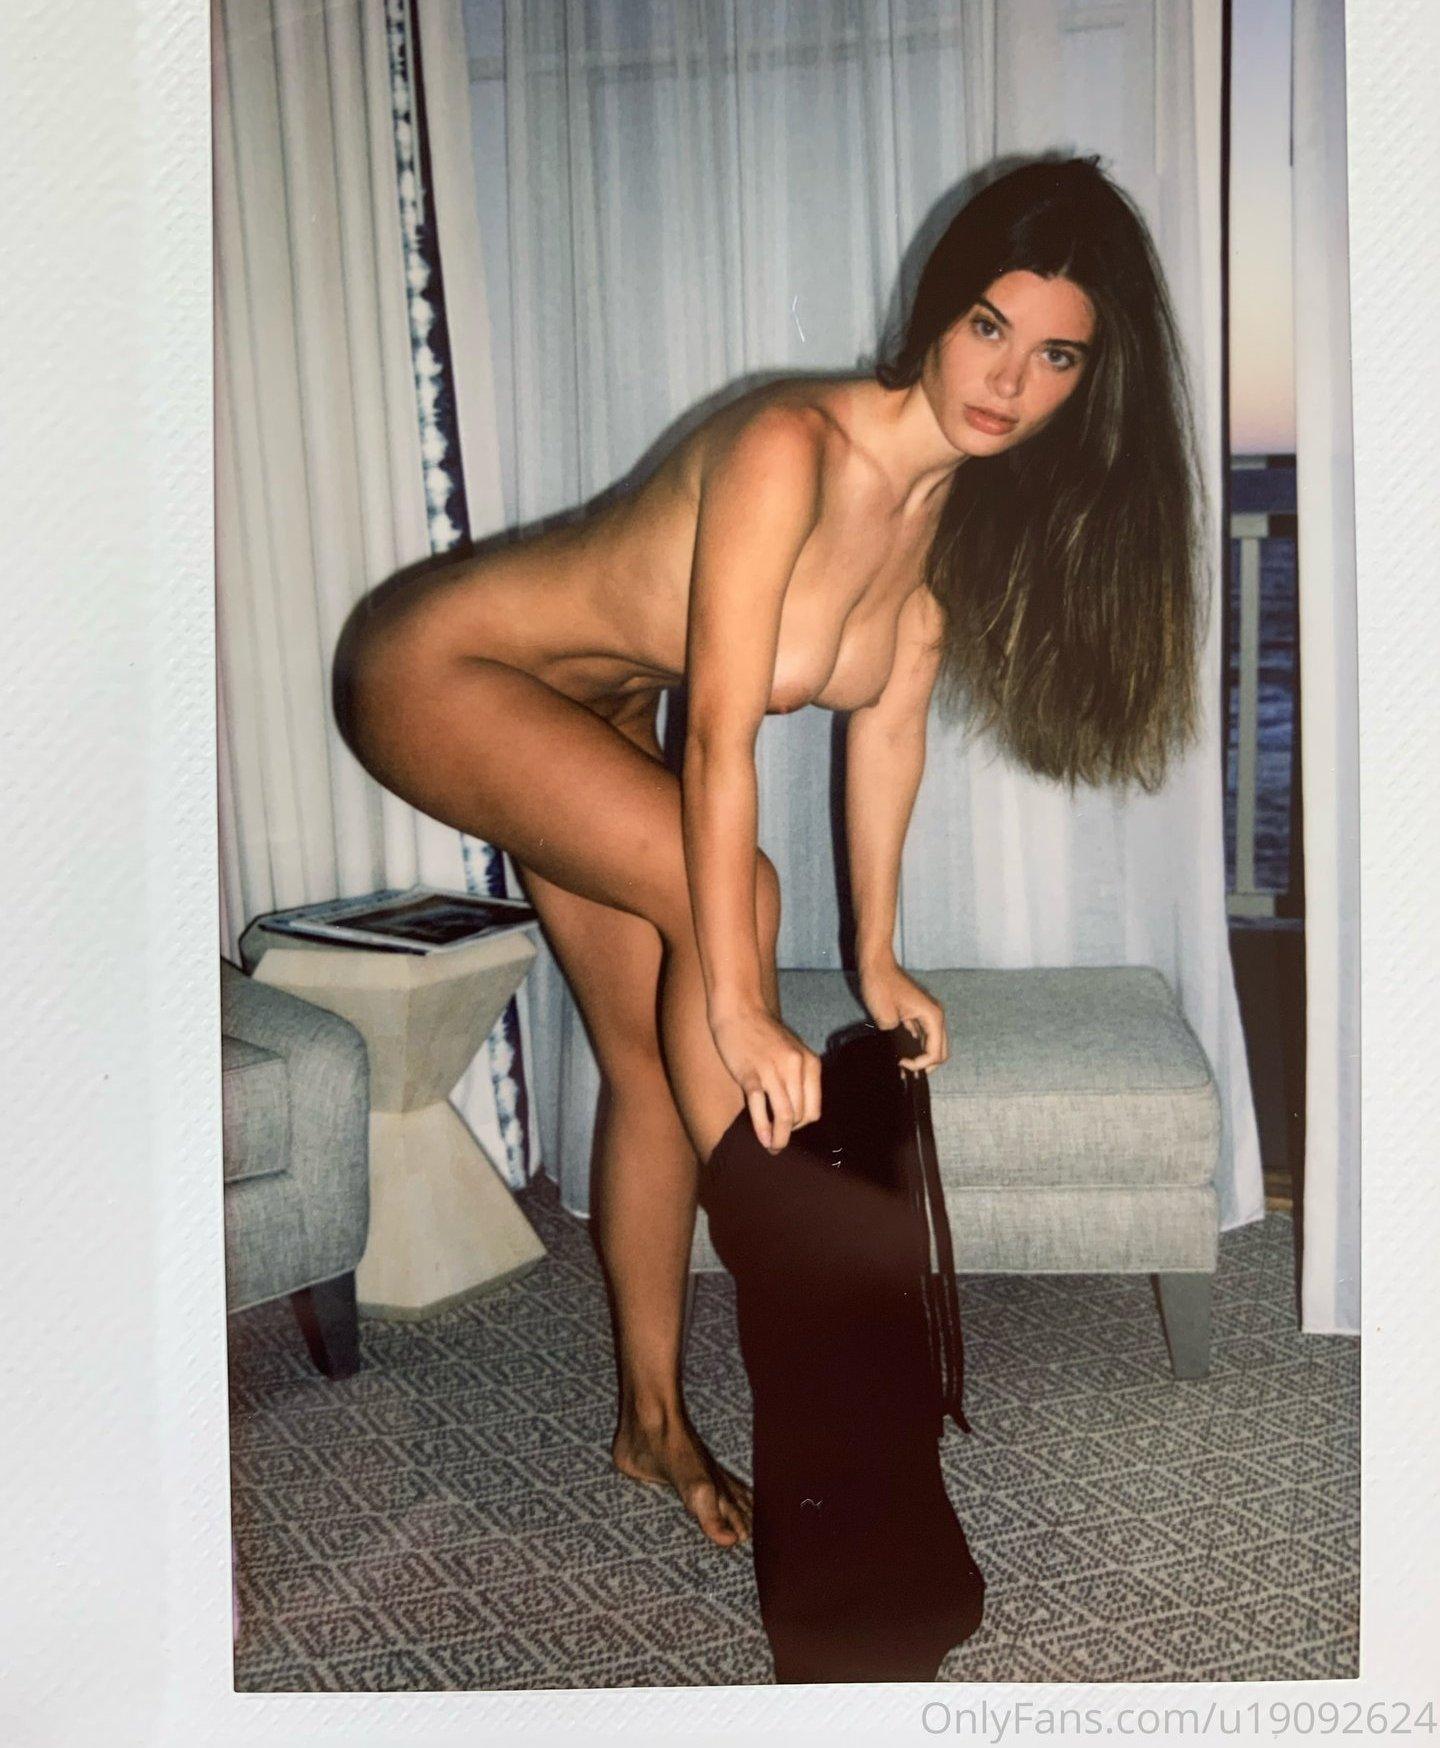 Lana Rhoades Lanarhoades Onlyfans Nude Leaks 0024